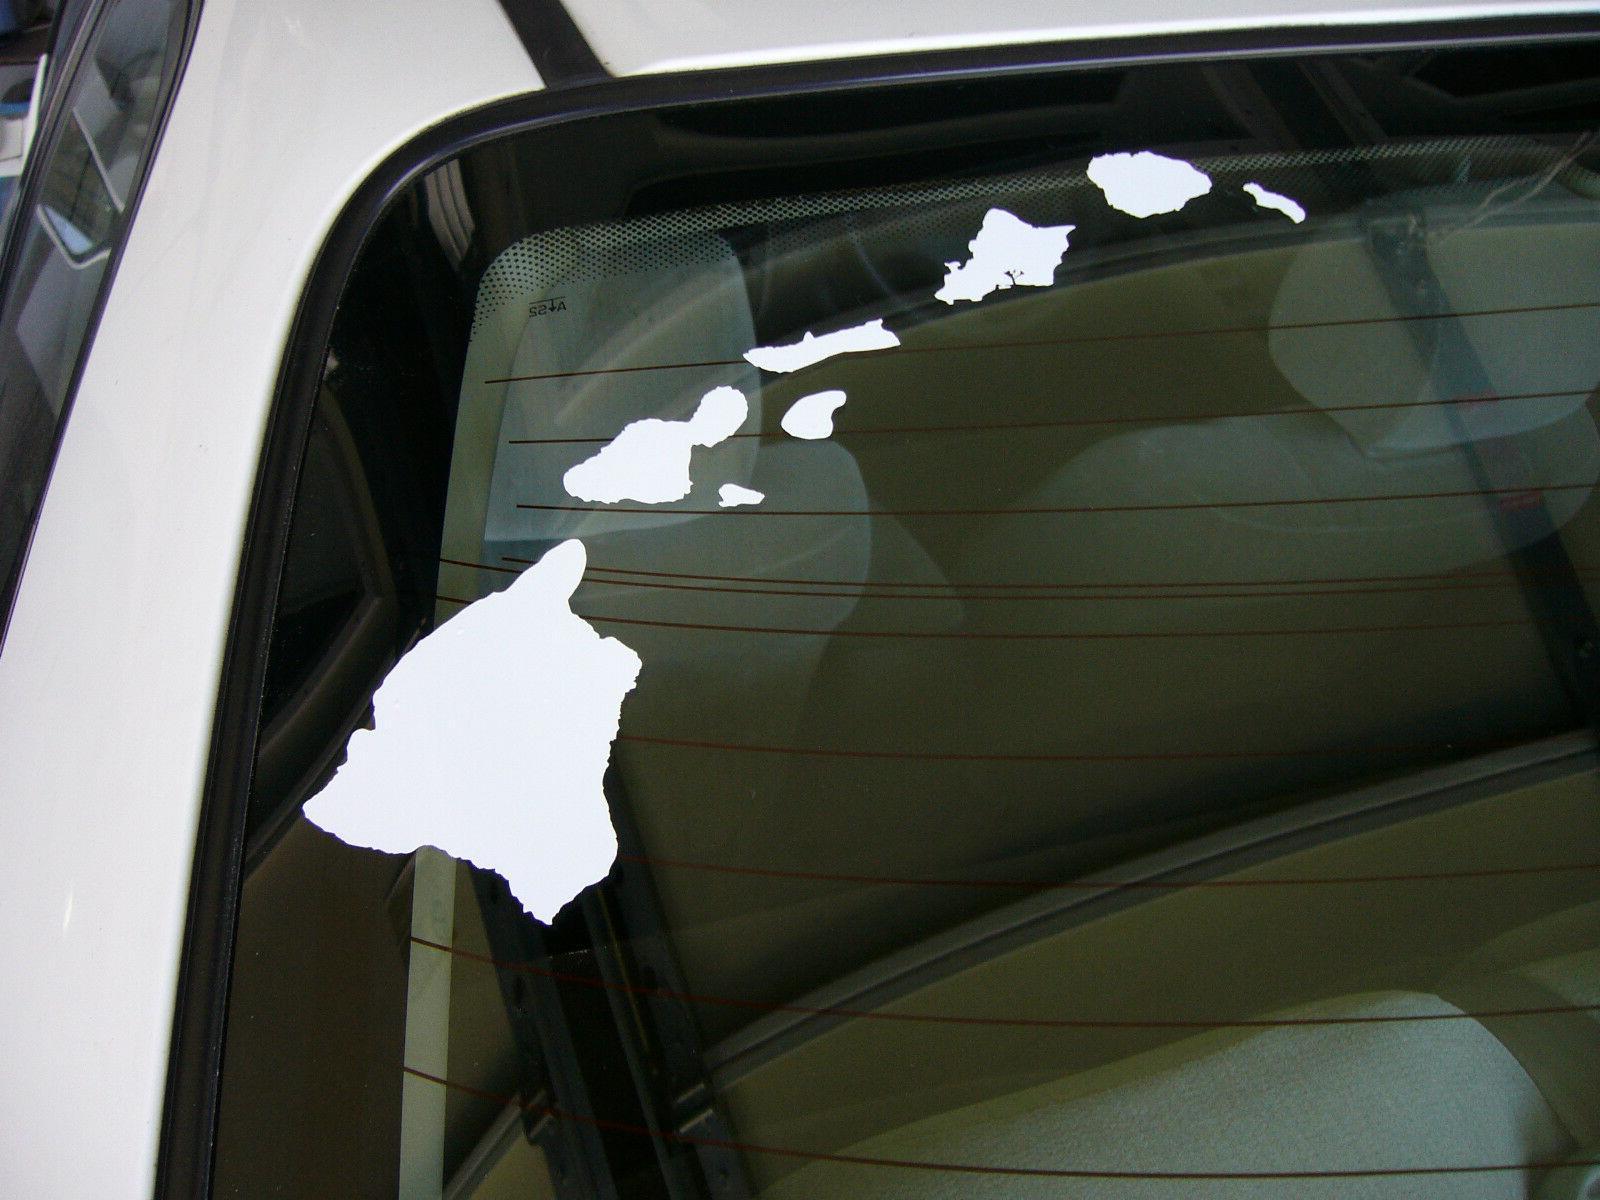 Hawaii Hawaiian Islands Map vinyl window laptop decal car bu